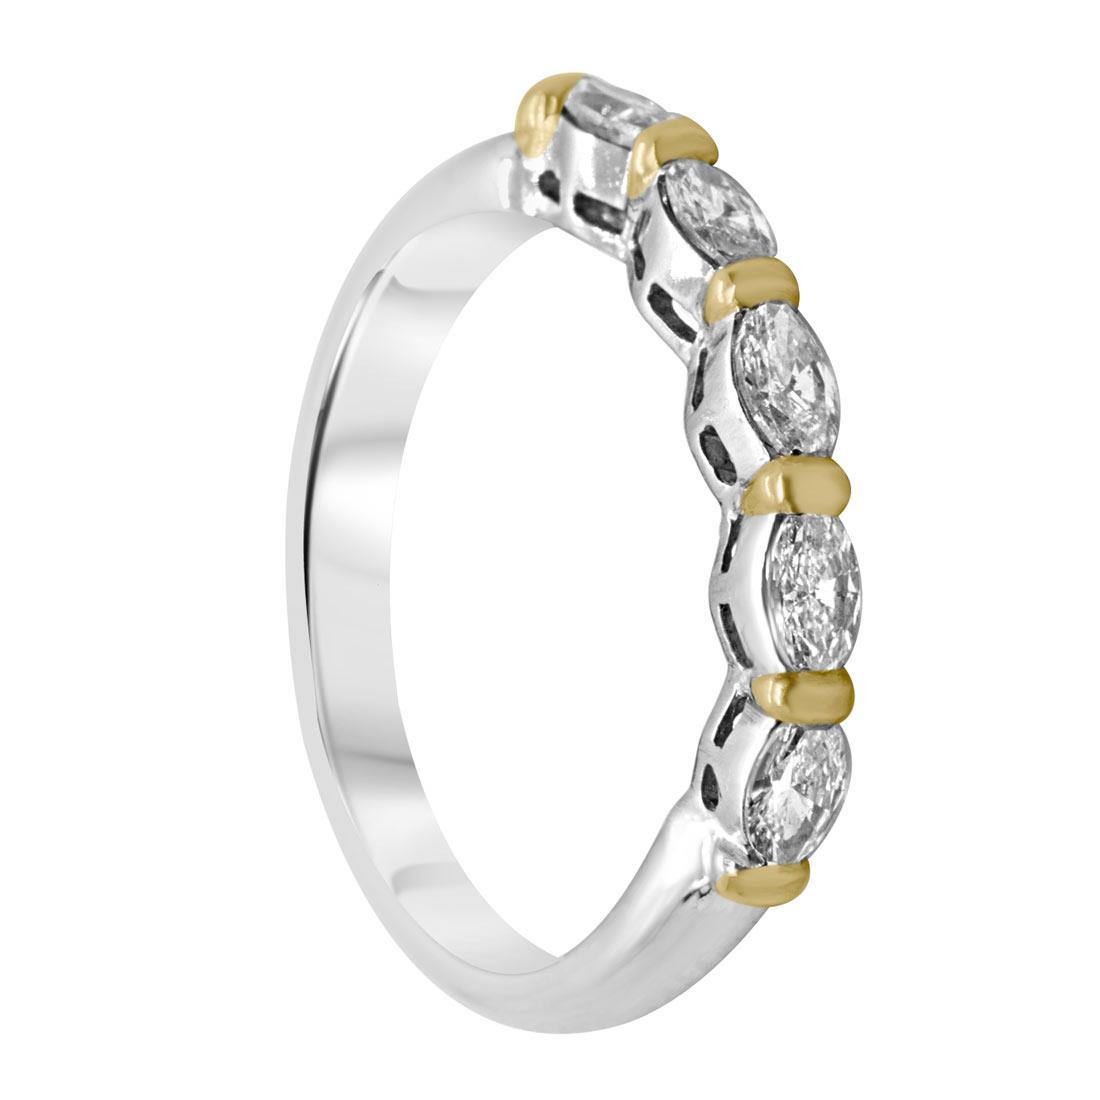 Anello Damiani in oro giallo e in oro bianco con diamanti  - DAMIANI